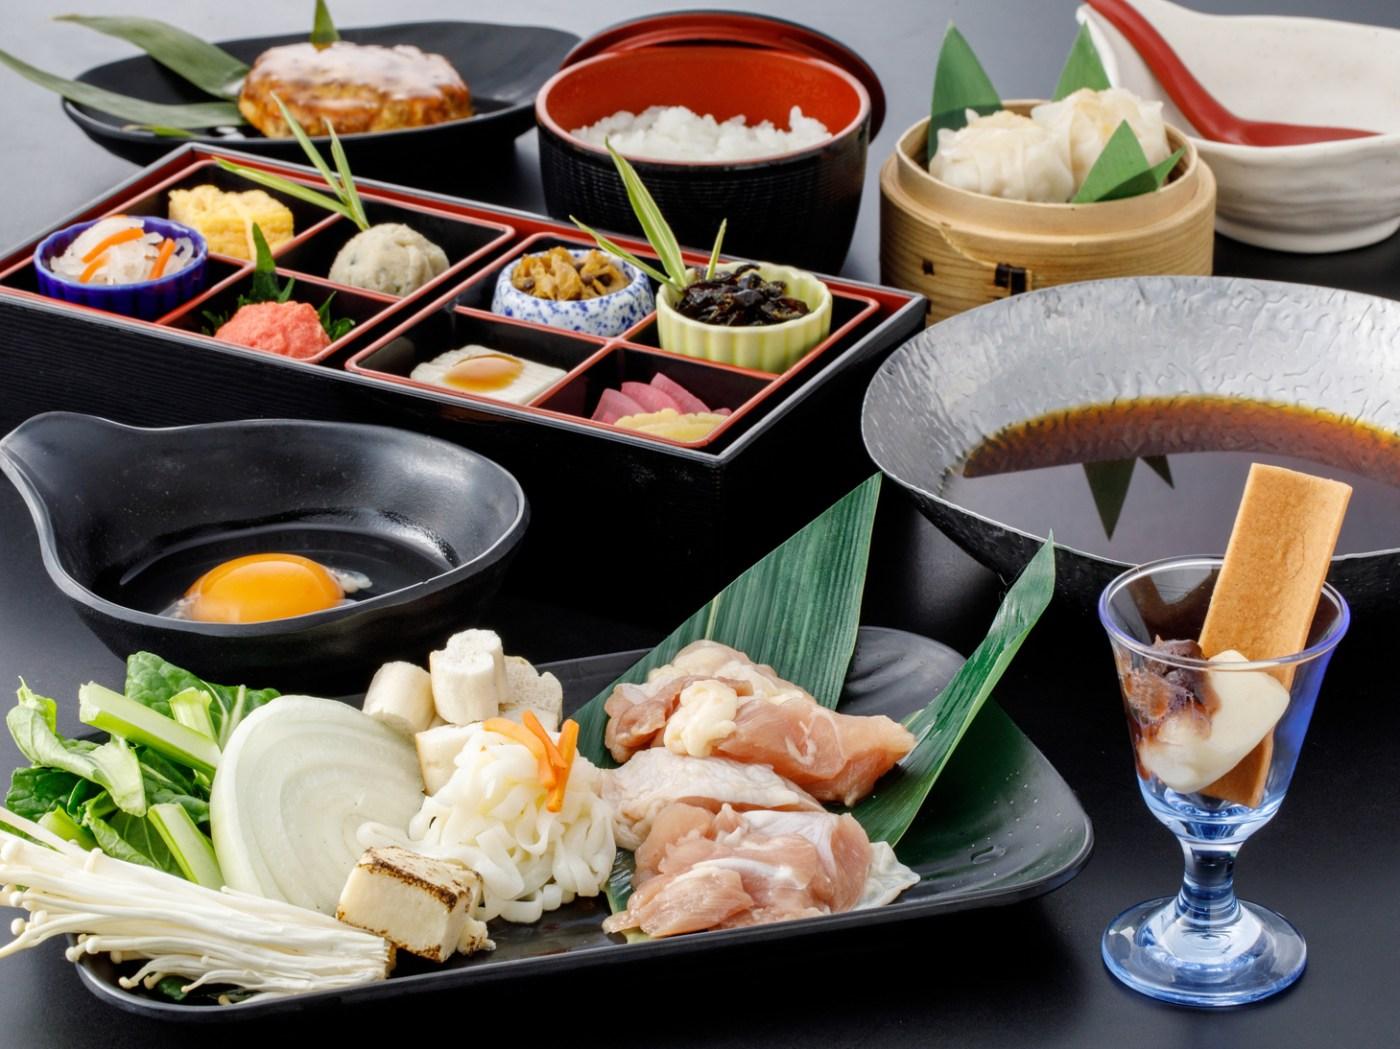 京野菜と鶏のすき焼き膳「清滝」